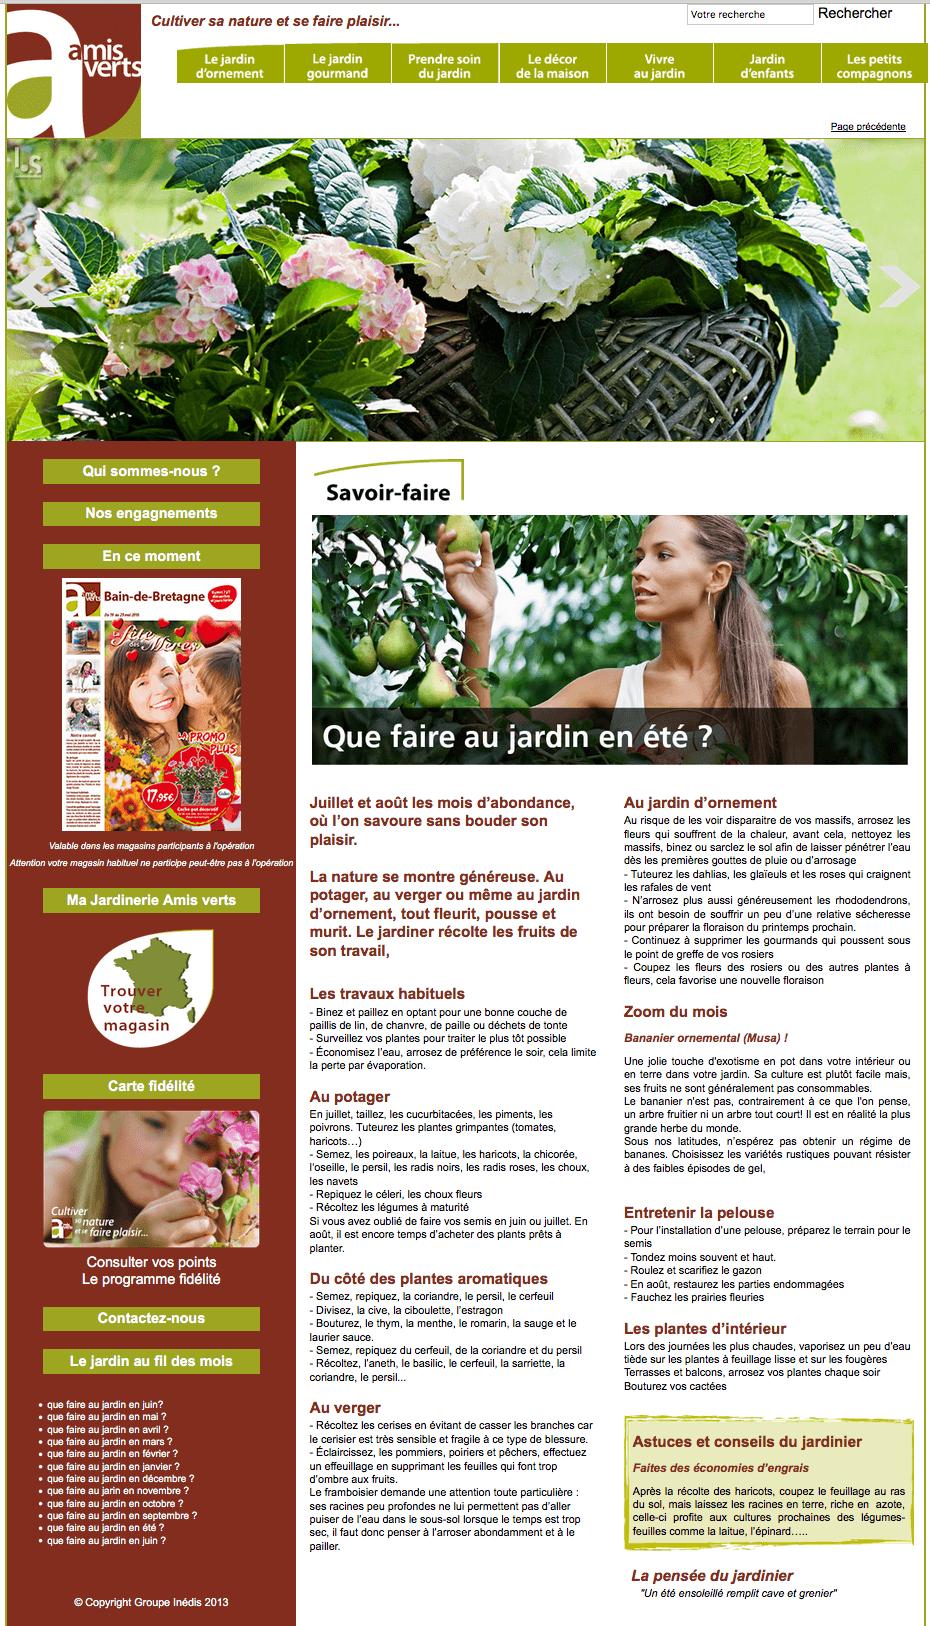 Site web Amis verts du groups Inédis